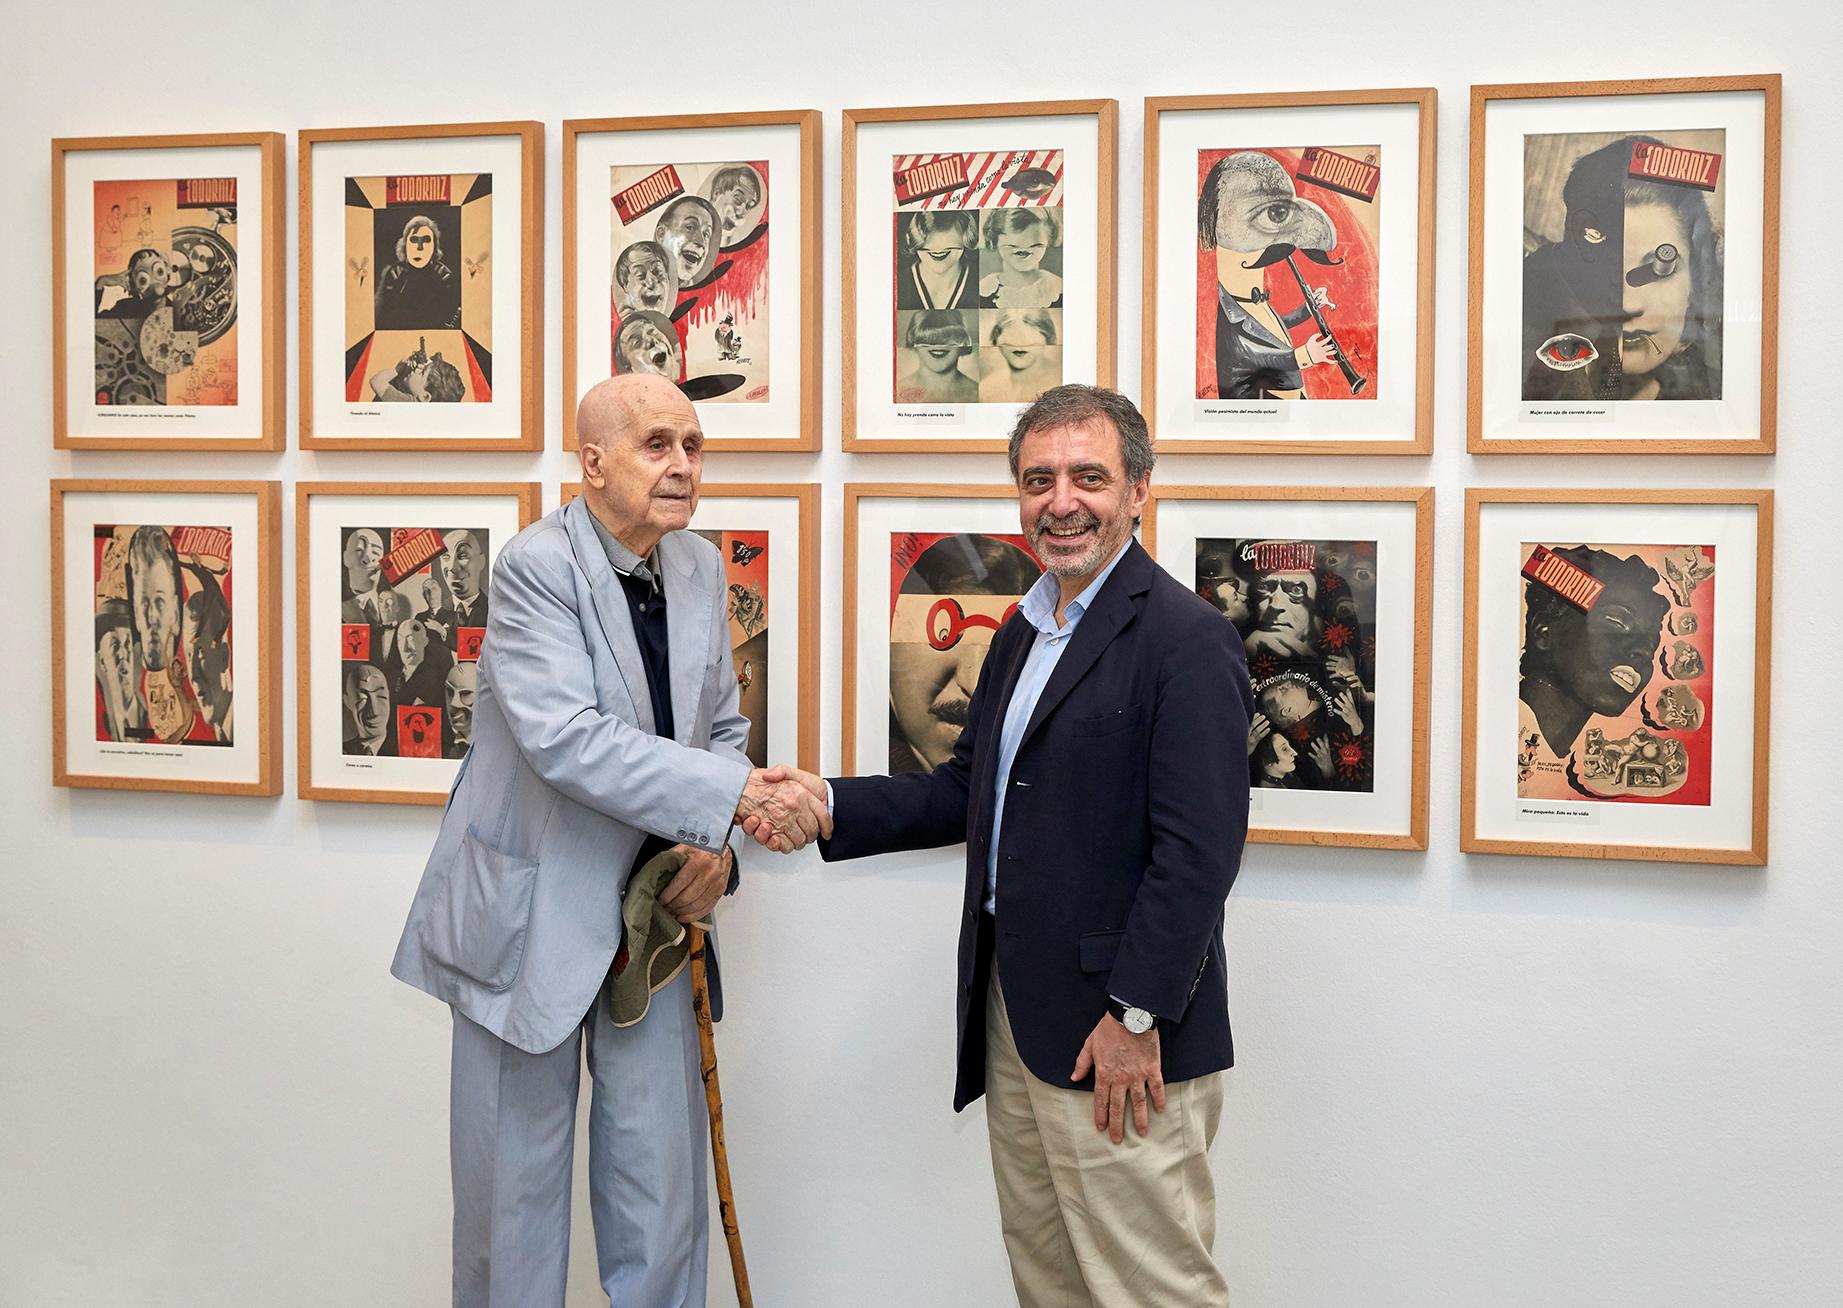 Manuel Borja-Villel, director del Museo Reina Sofía, y Enrique Herreros